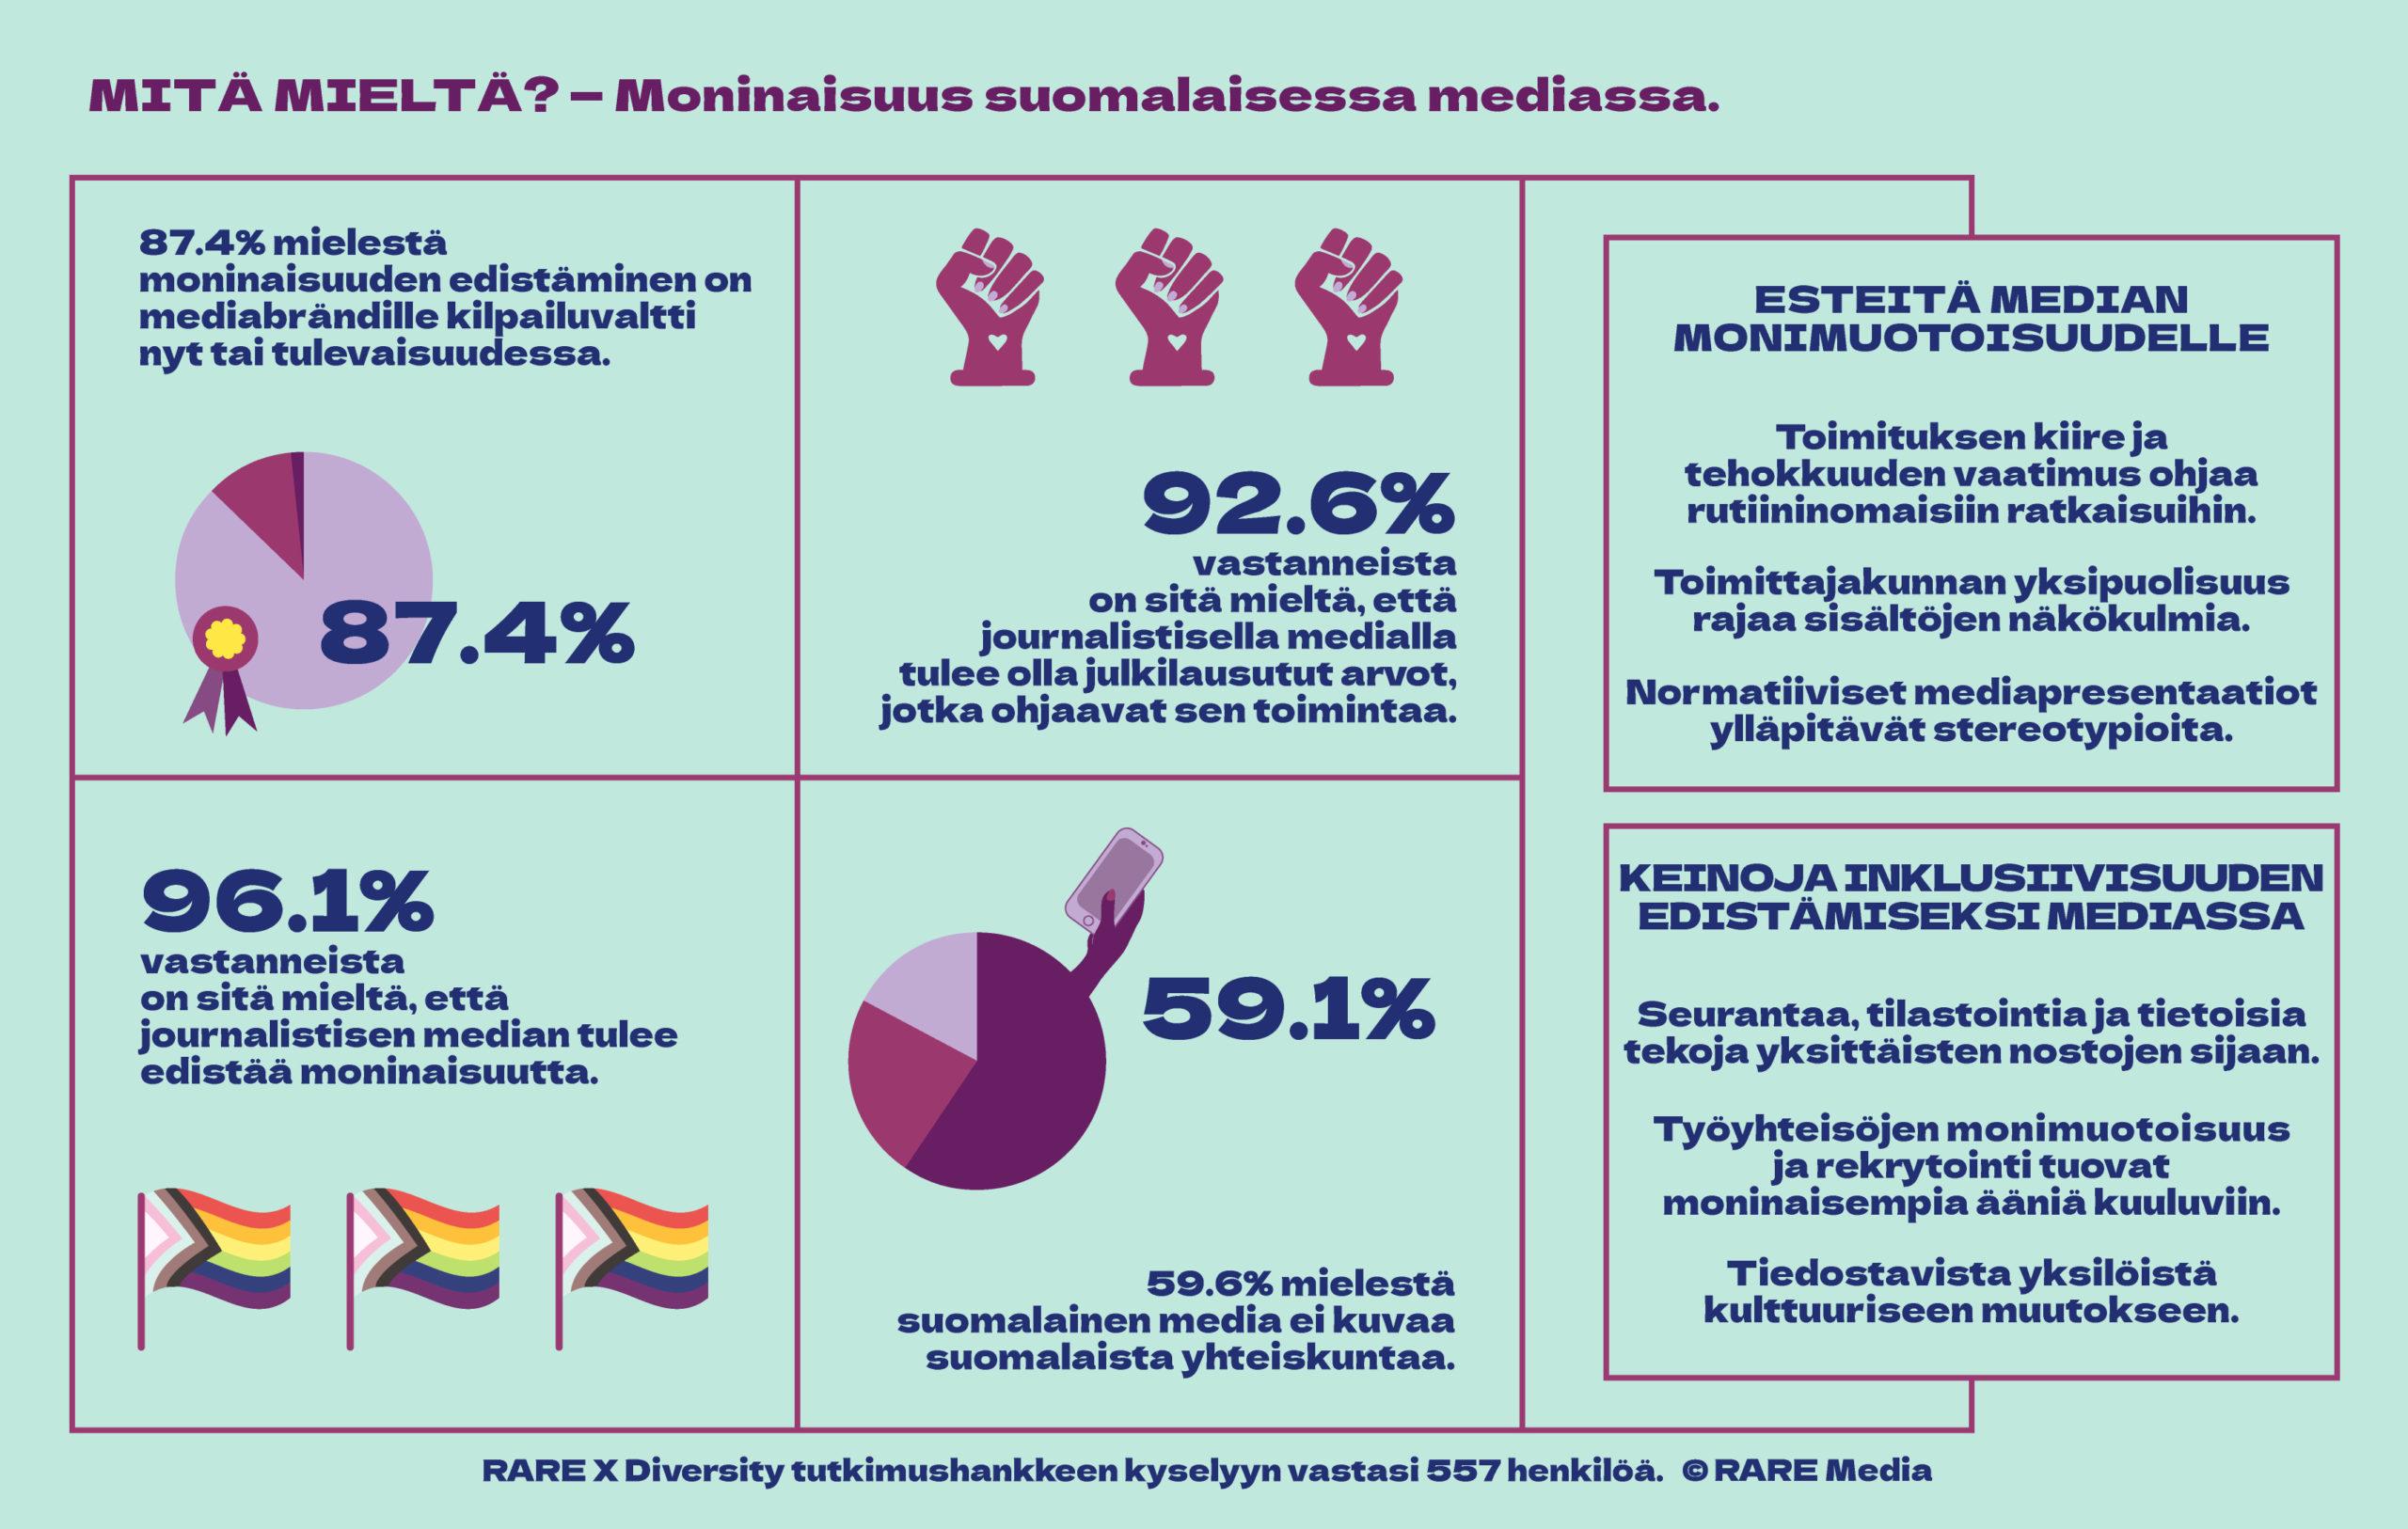 Mitä mieltä? -moninaisuus suomalaisessa mediassa. Faktalaatikko